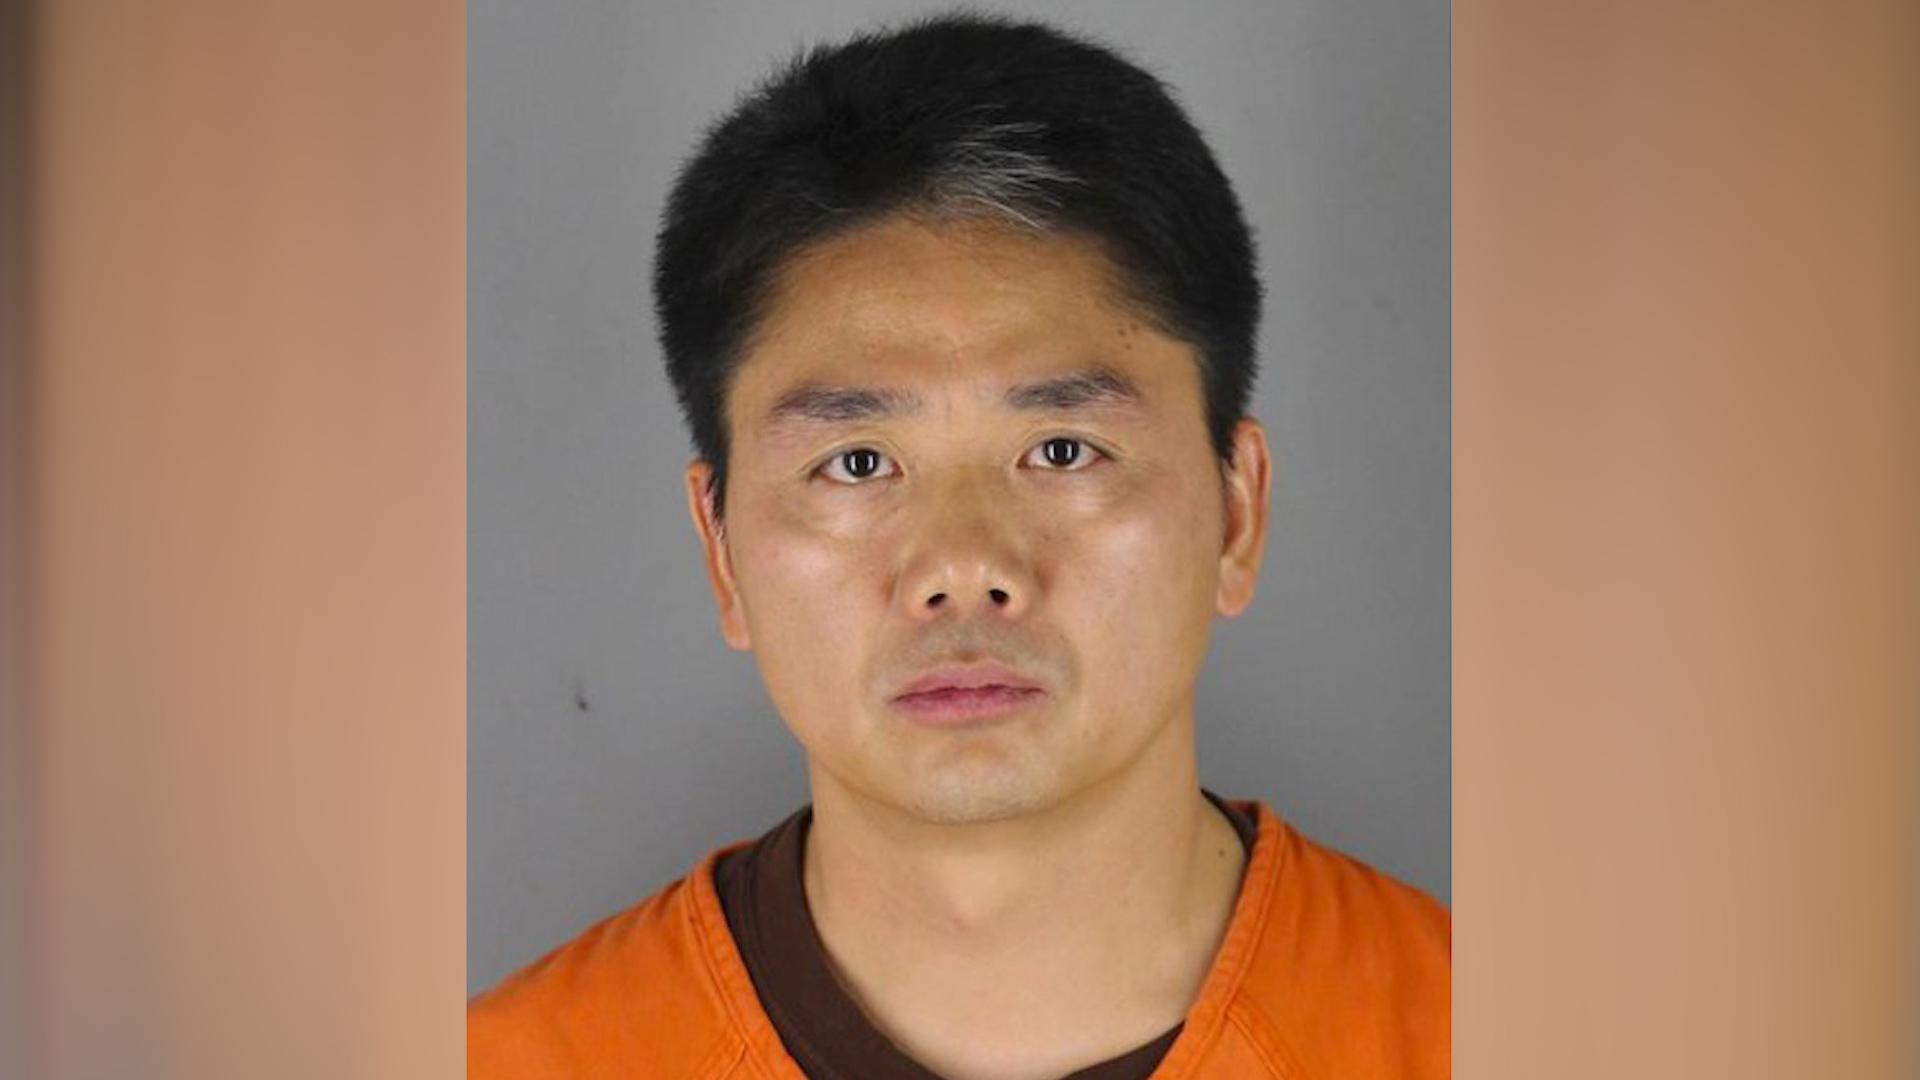 """2018年8月31日""""京东""""创办人兼首席执行官刘强东在美国涉嫌性侵被捕,9月1日下午获释。(AP图片)"""